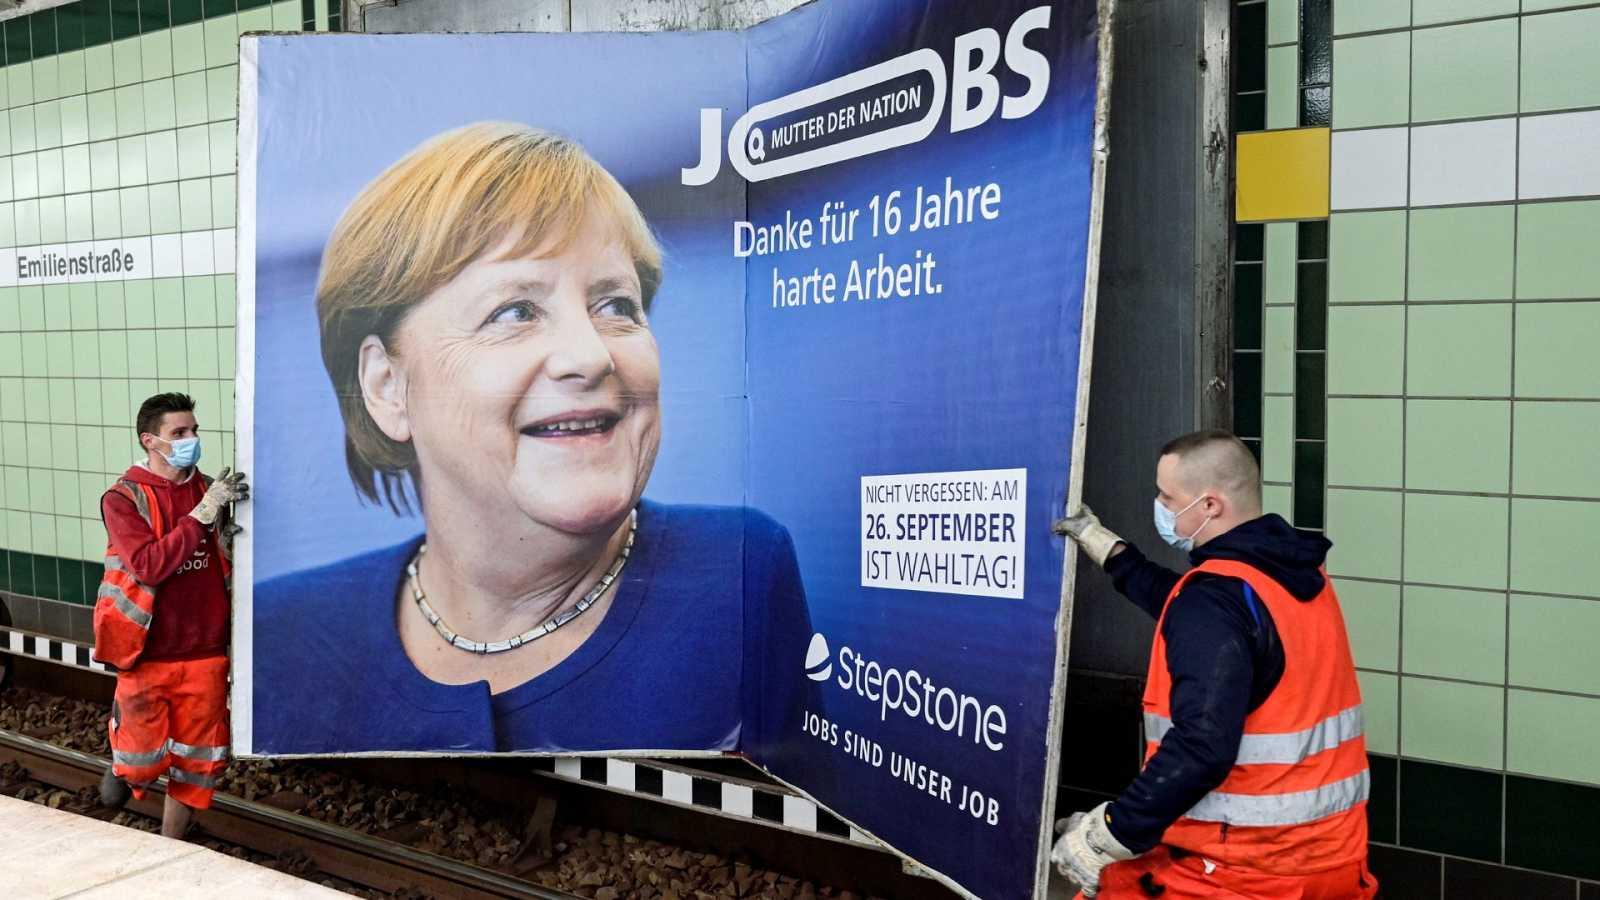 ¿Estabilidad o cambio?: los alemanes valoran los 16 años de Merkel como canciller